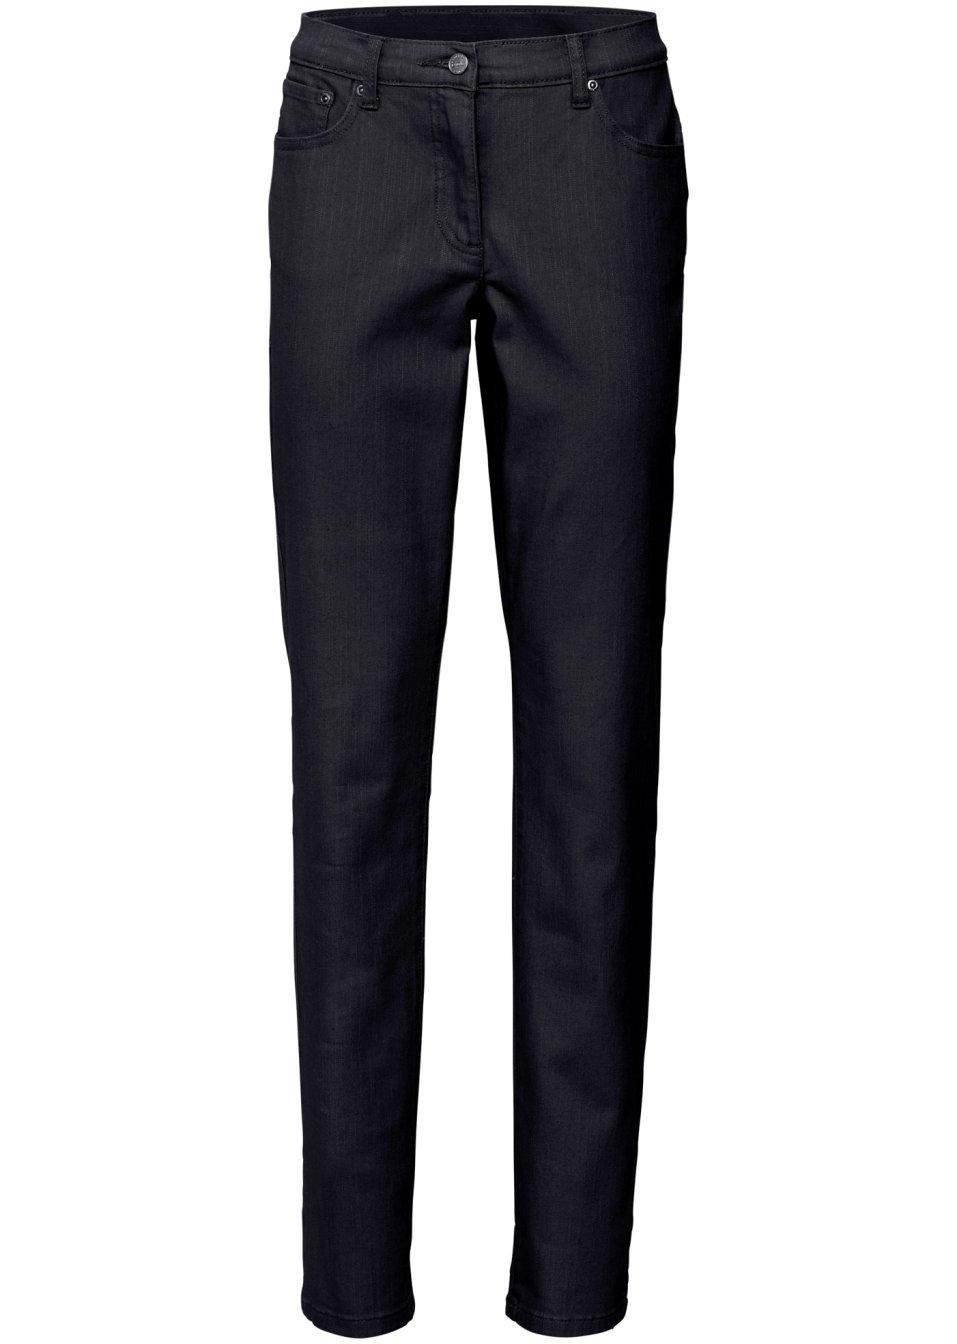 abbastanza I pantaloni neri: la base su cui costruire il tuo stile MA68